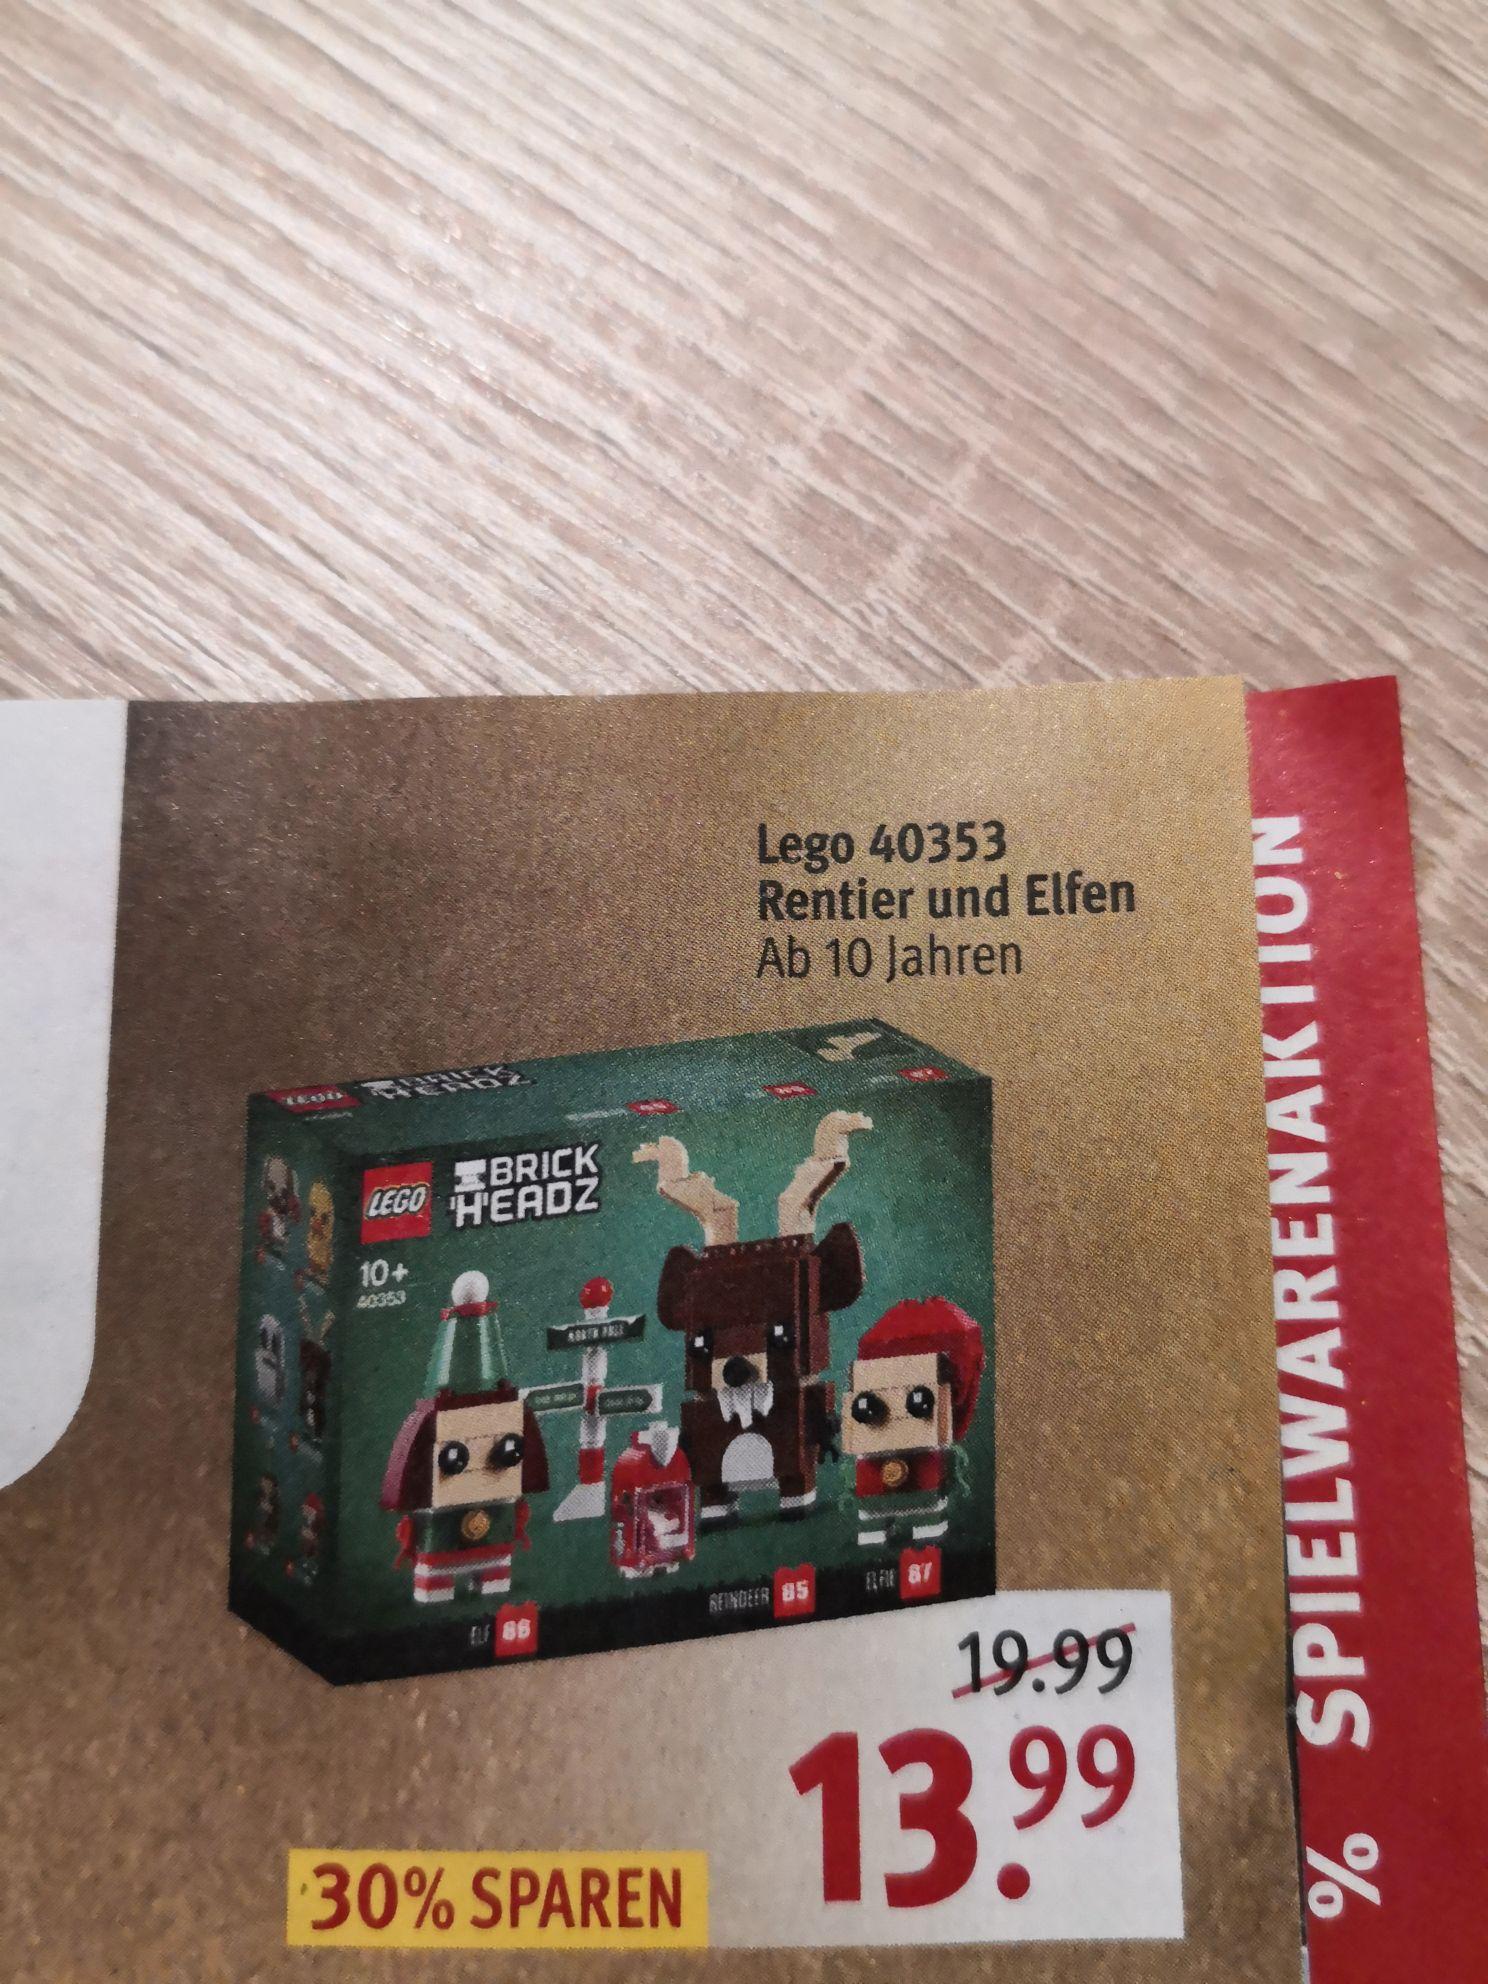 Lego 40353 Rentier und Elfen, rossmann